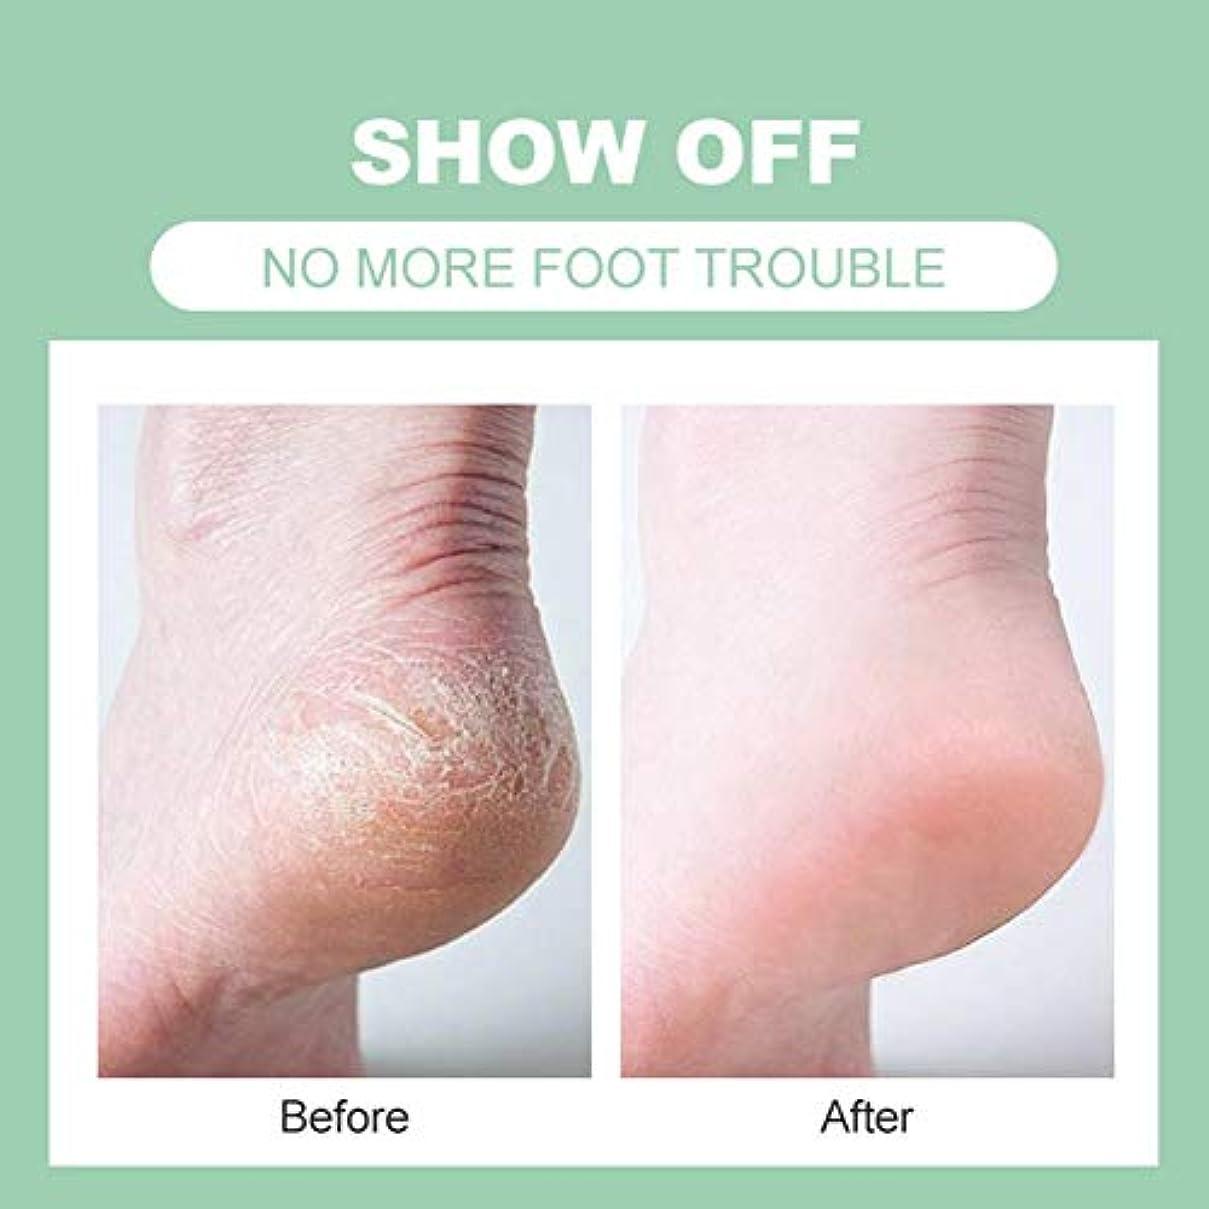 療法フォーク幻滅するフットクリーム 足クリーム 足ケア 乾燥 荒れ防止 長持ち 保湿 つるつる うっとりするくりーむ Cutelove